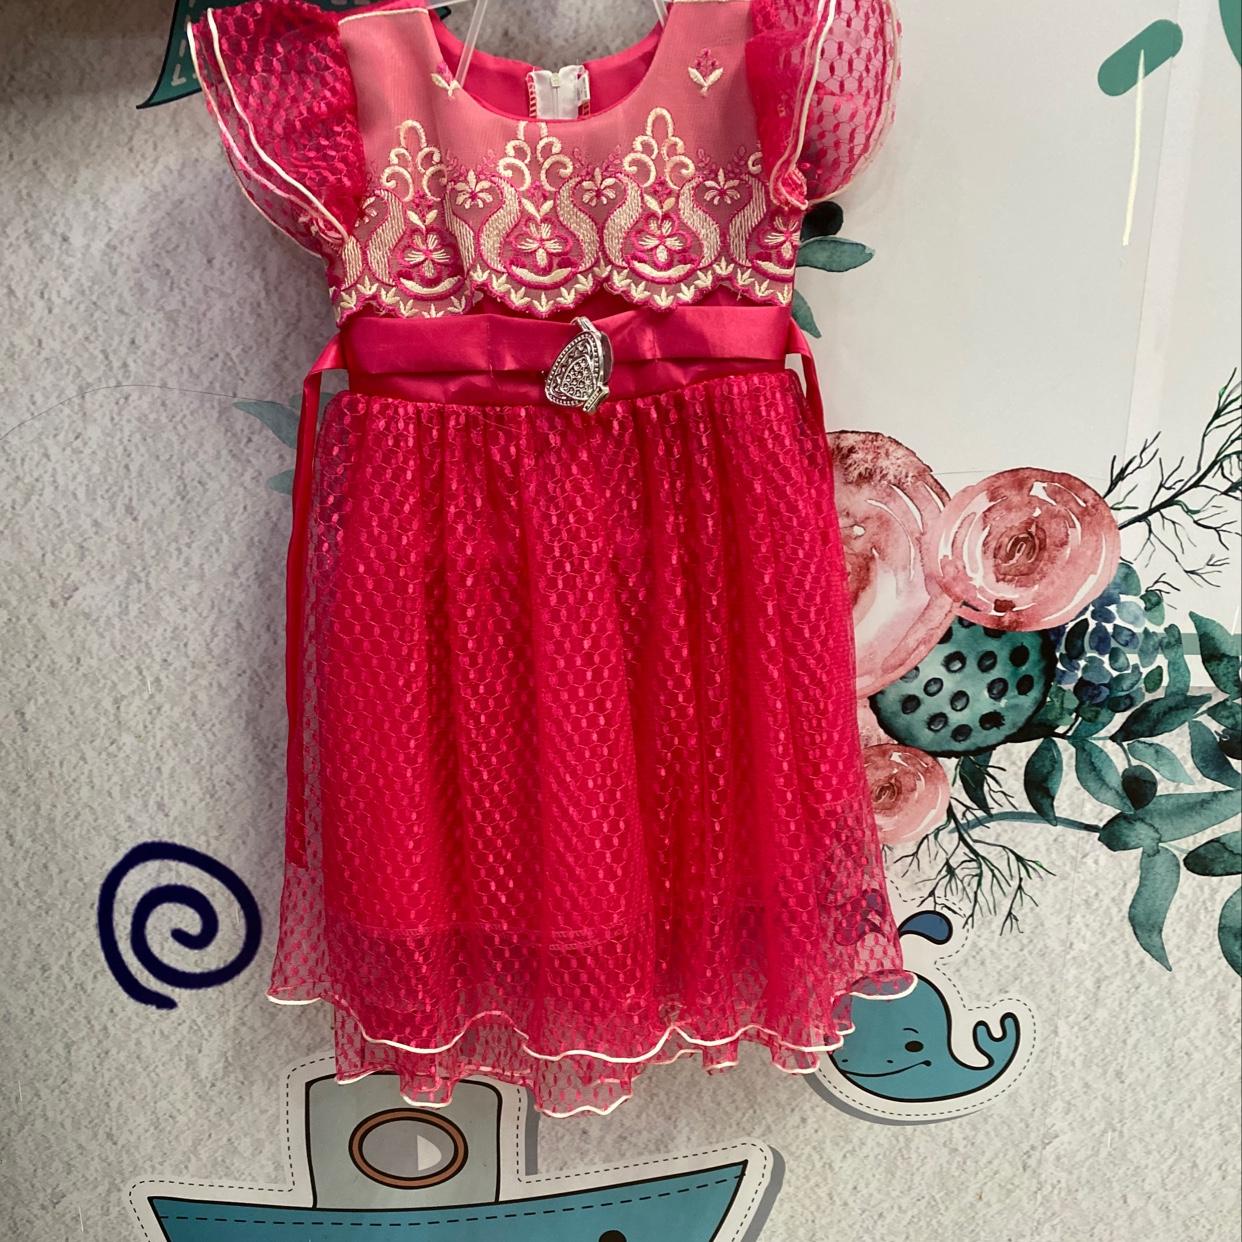 蝴蝶扣纱裙